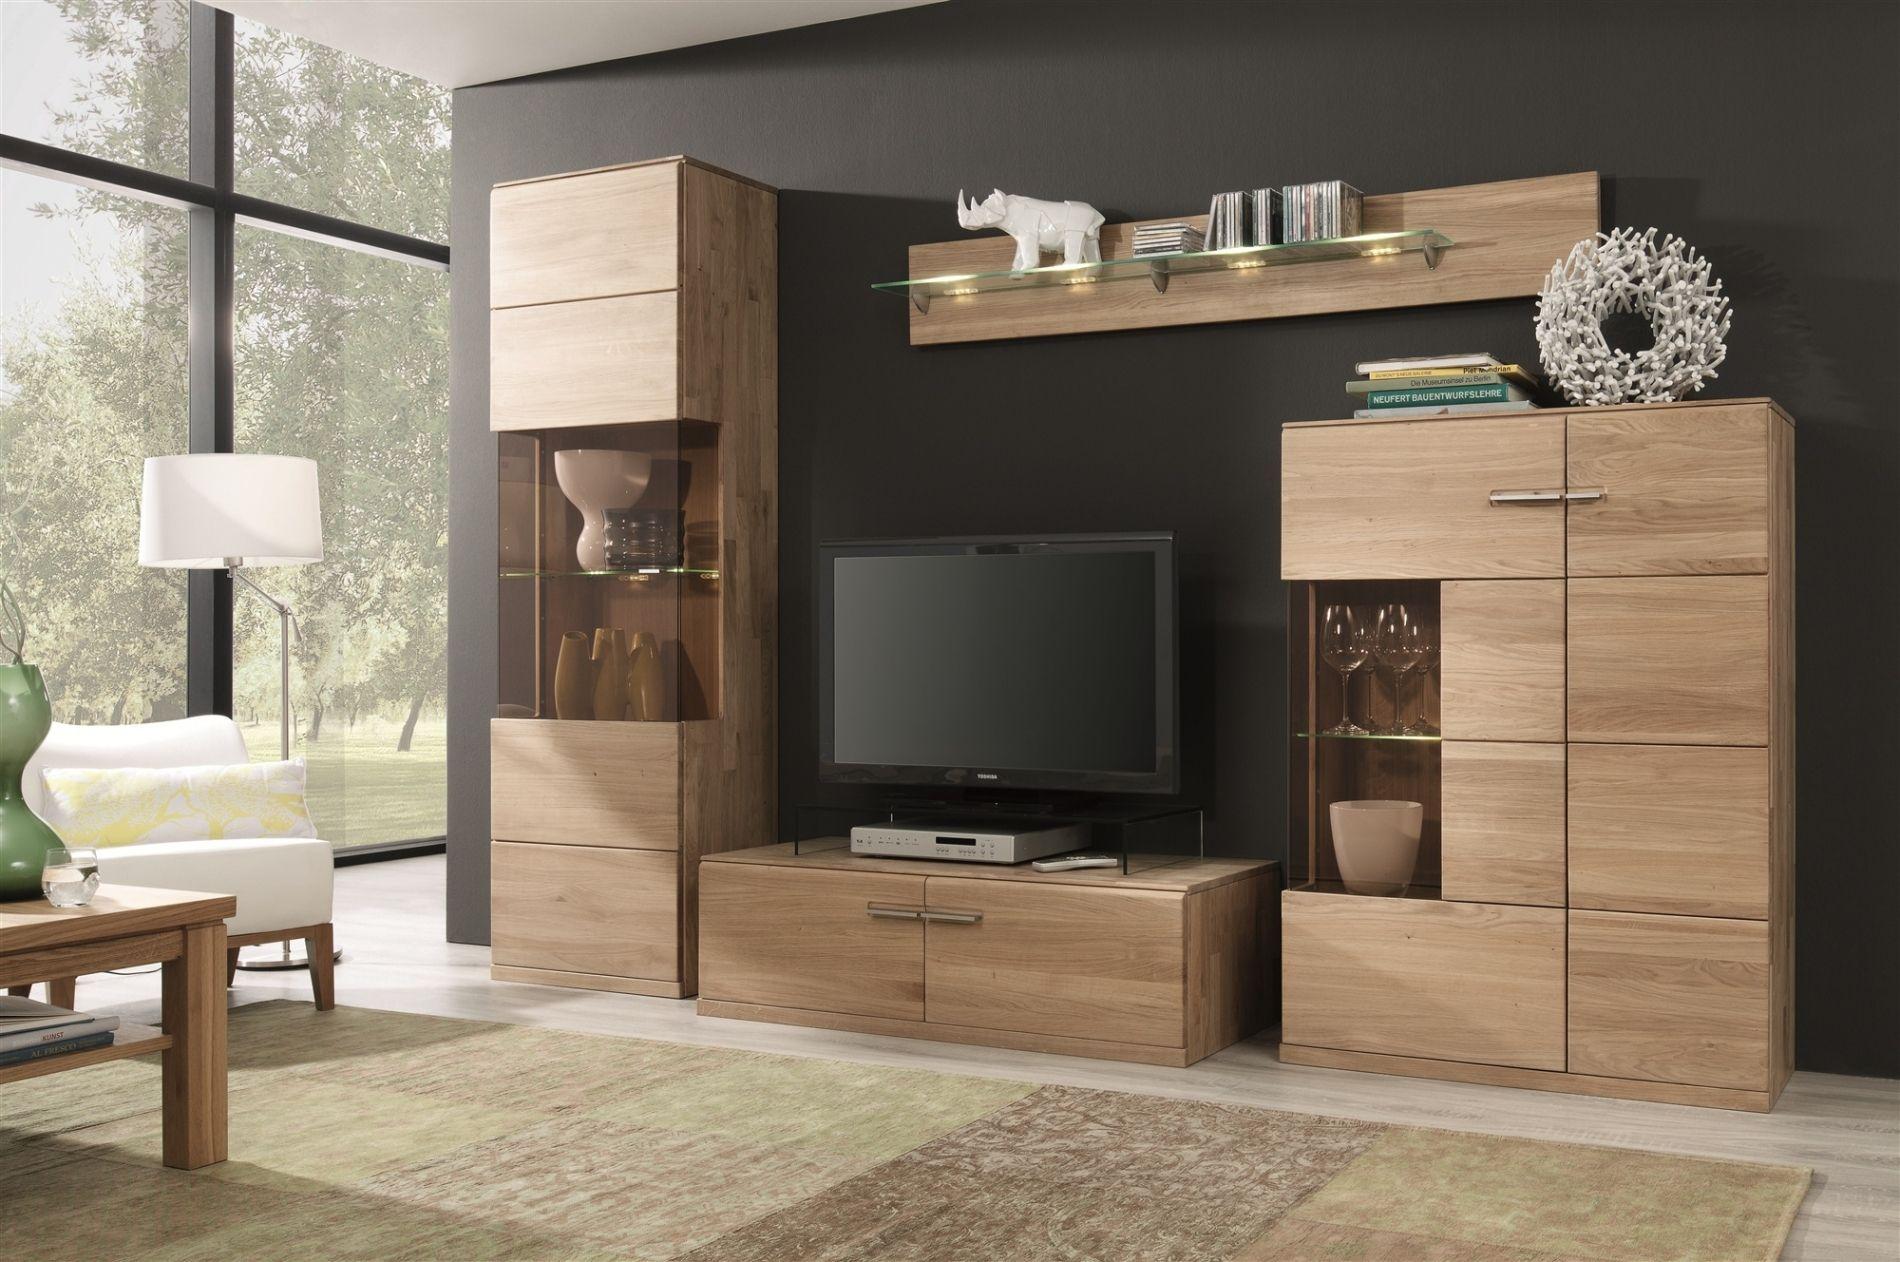 Wohnzimmermöbel aus Massivholz | SKANMØBLER